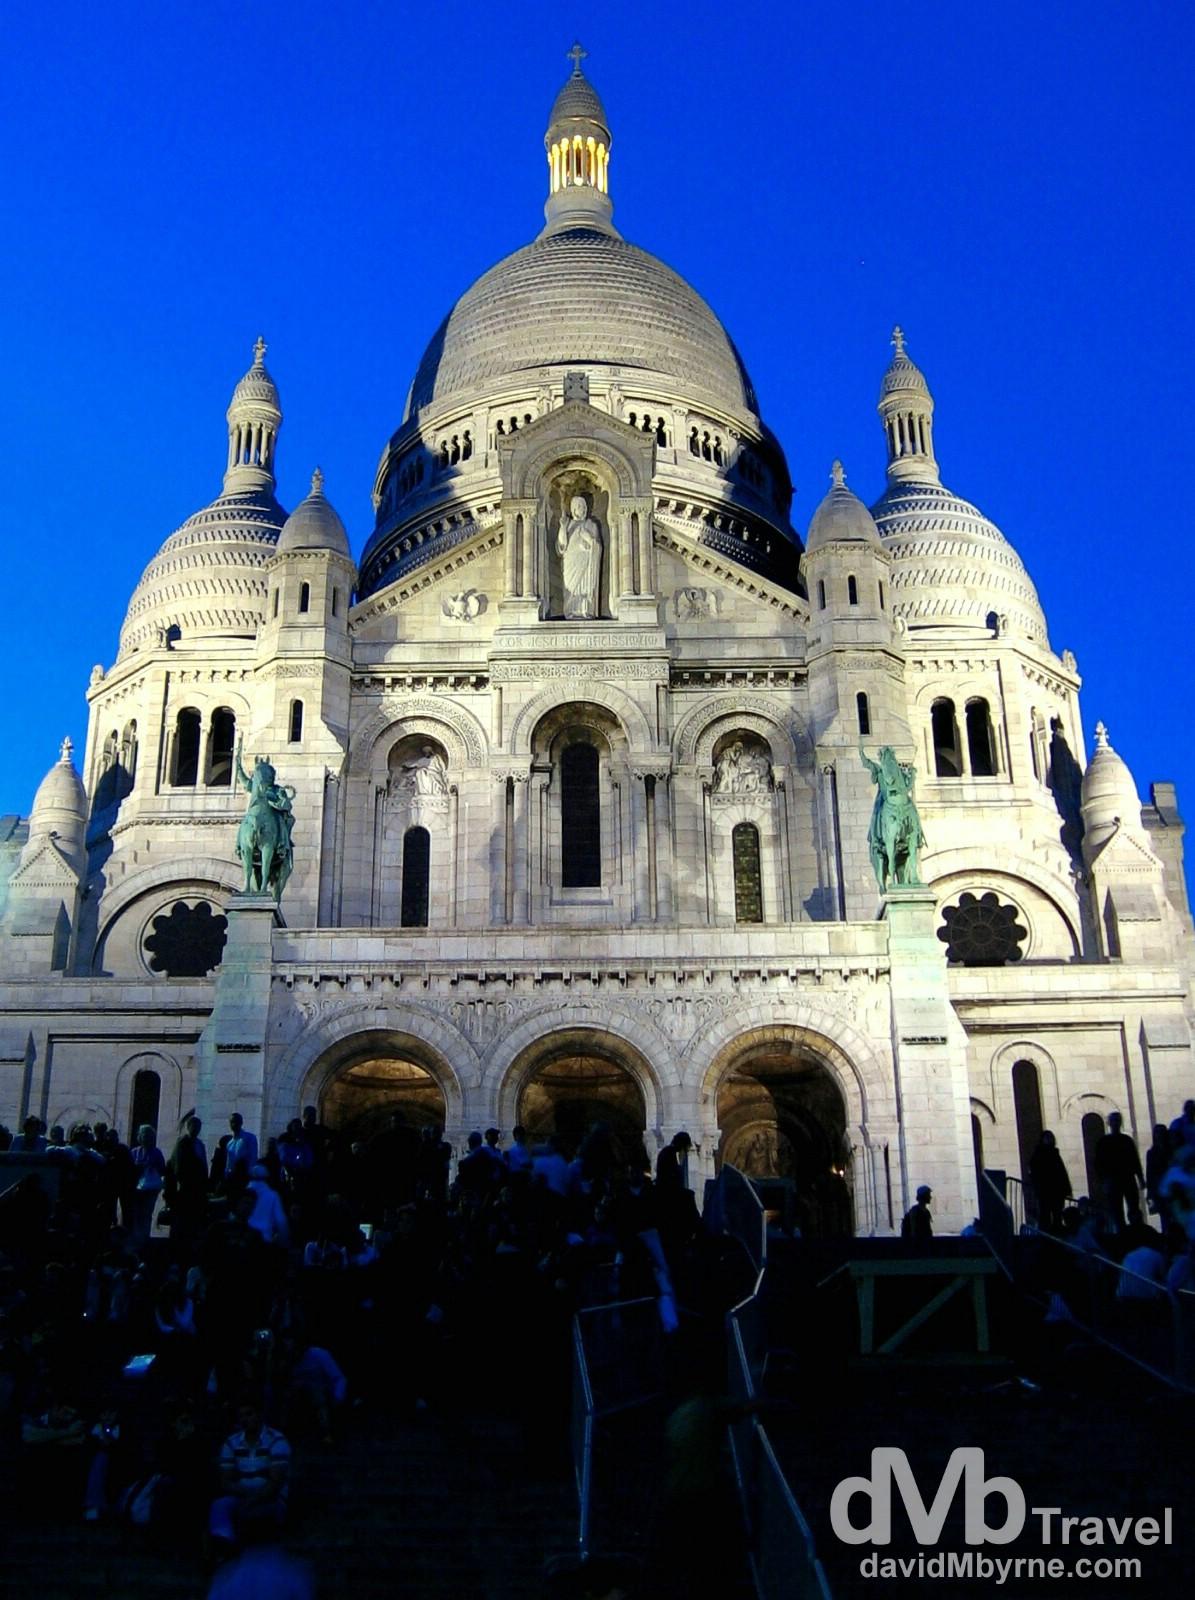 Basilique du Sacre Coeur, Montmartre, Paris, France. August 17th, 2007.